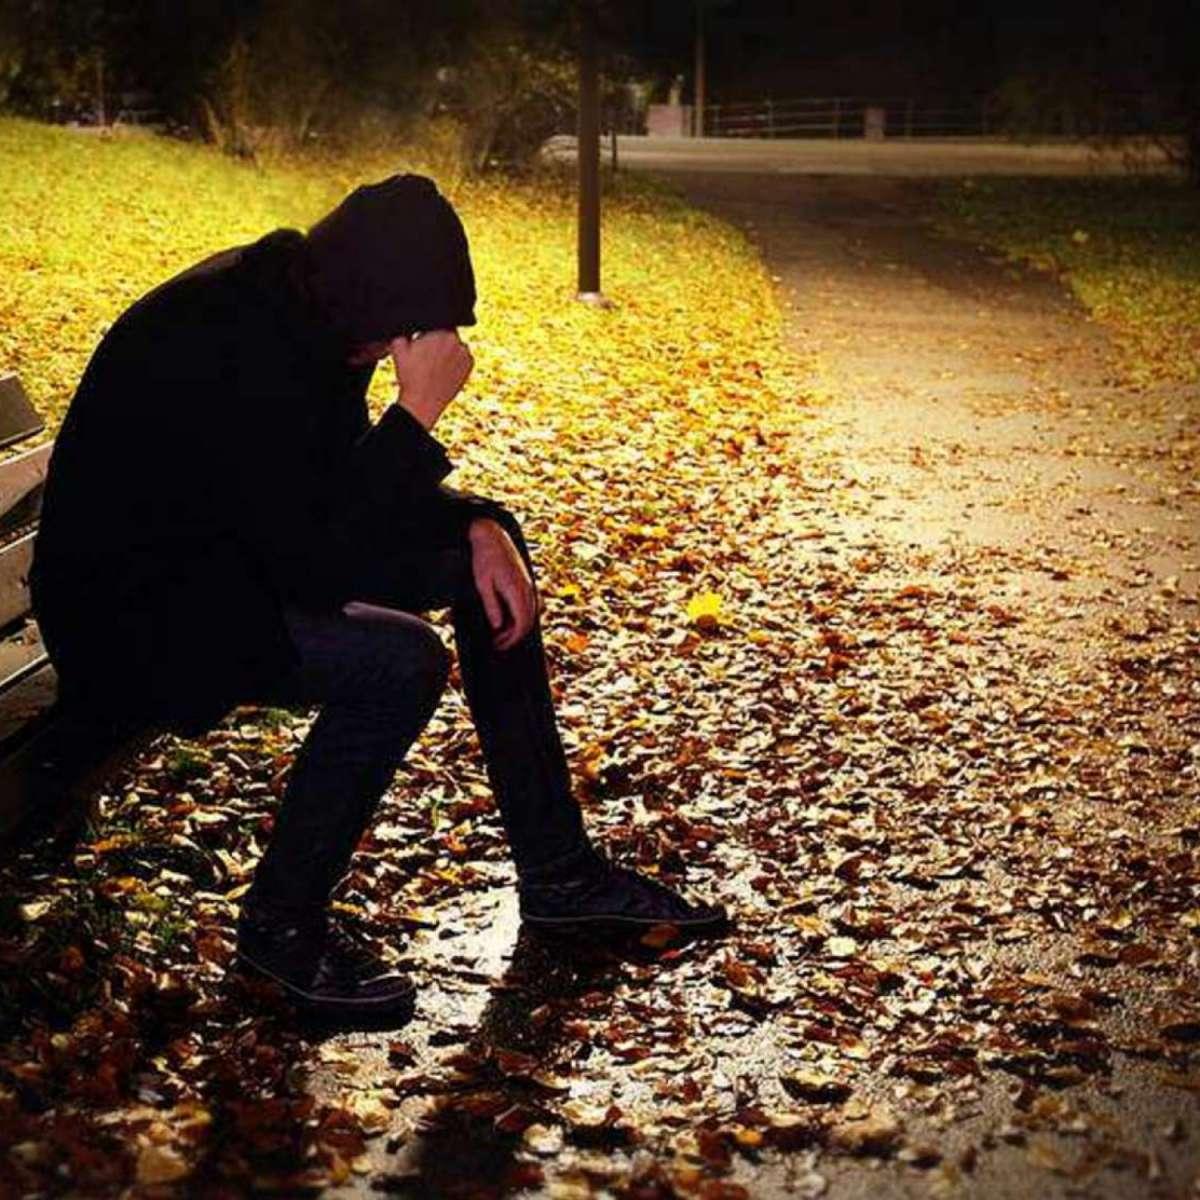 Хроническая депрессия разрушает мозг и физическое здоровье